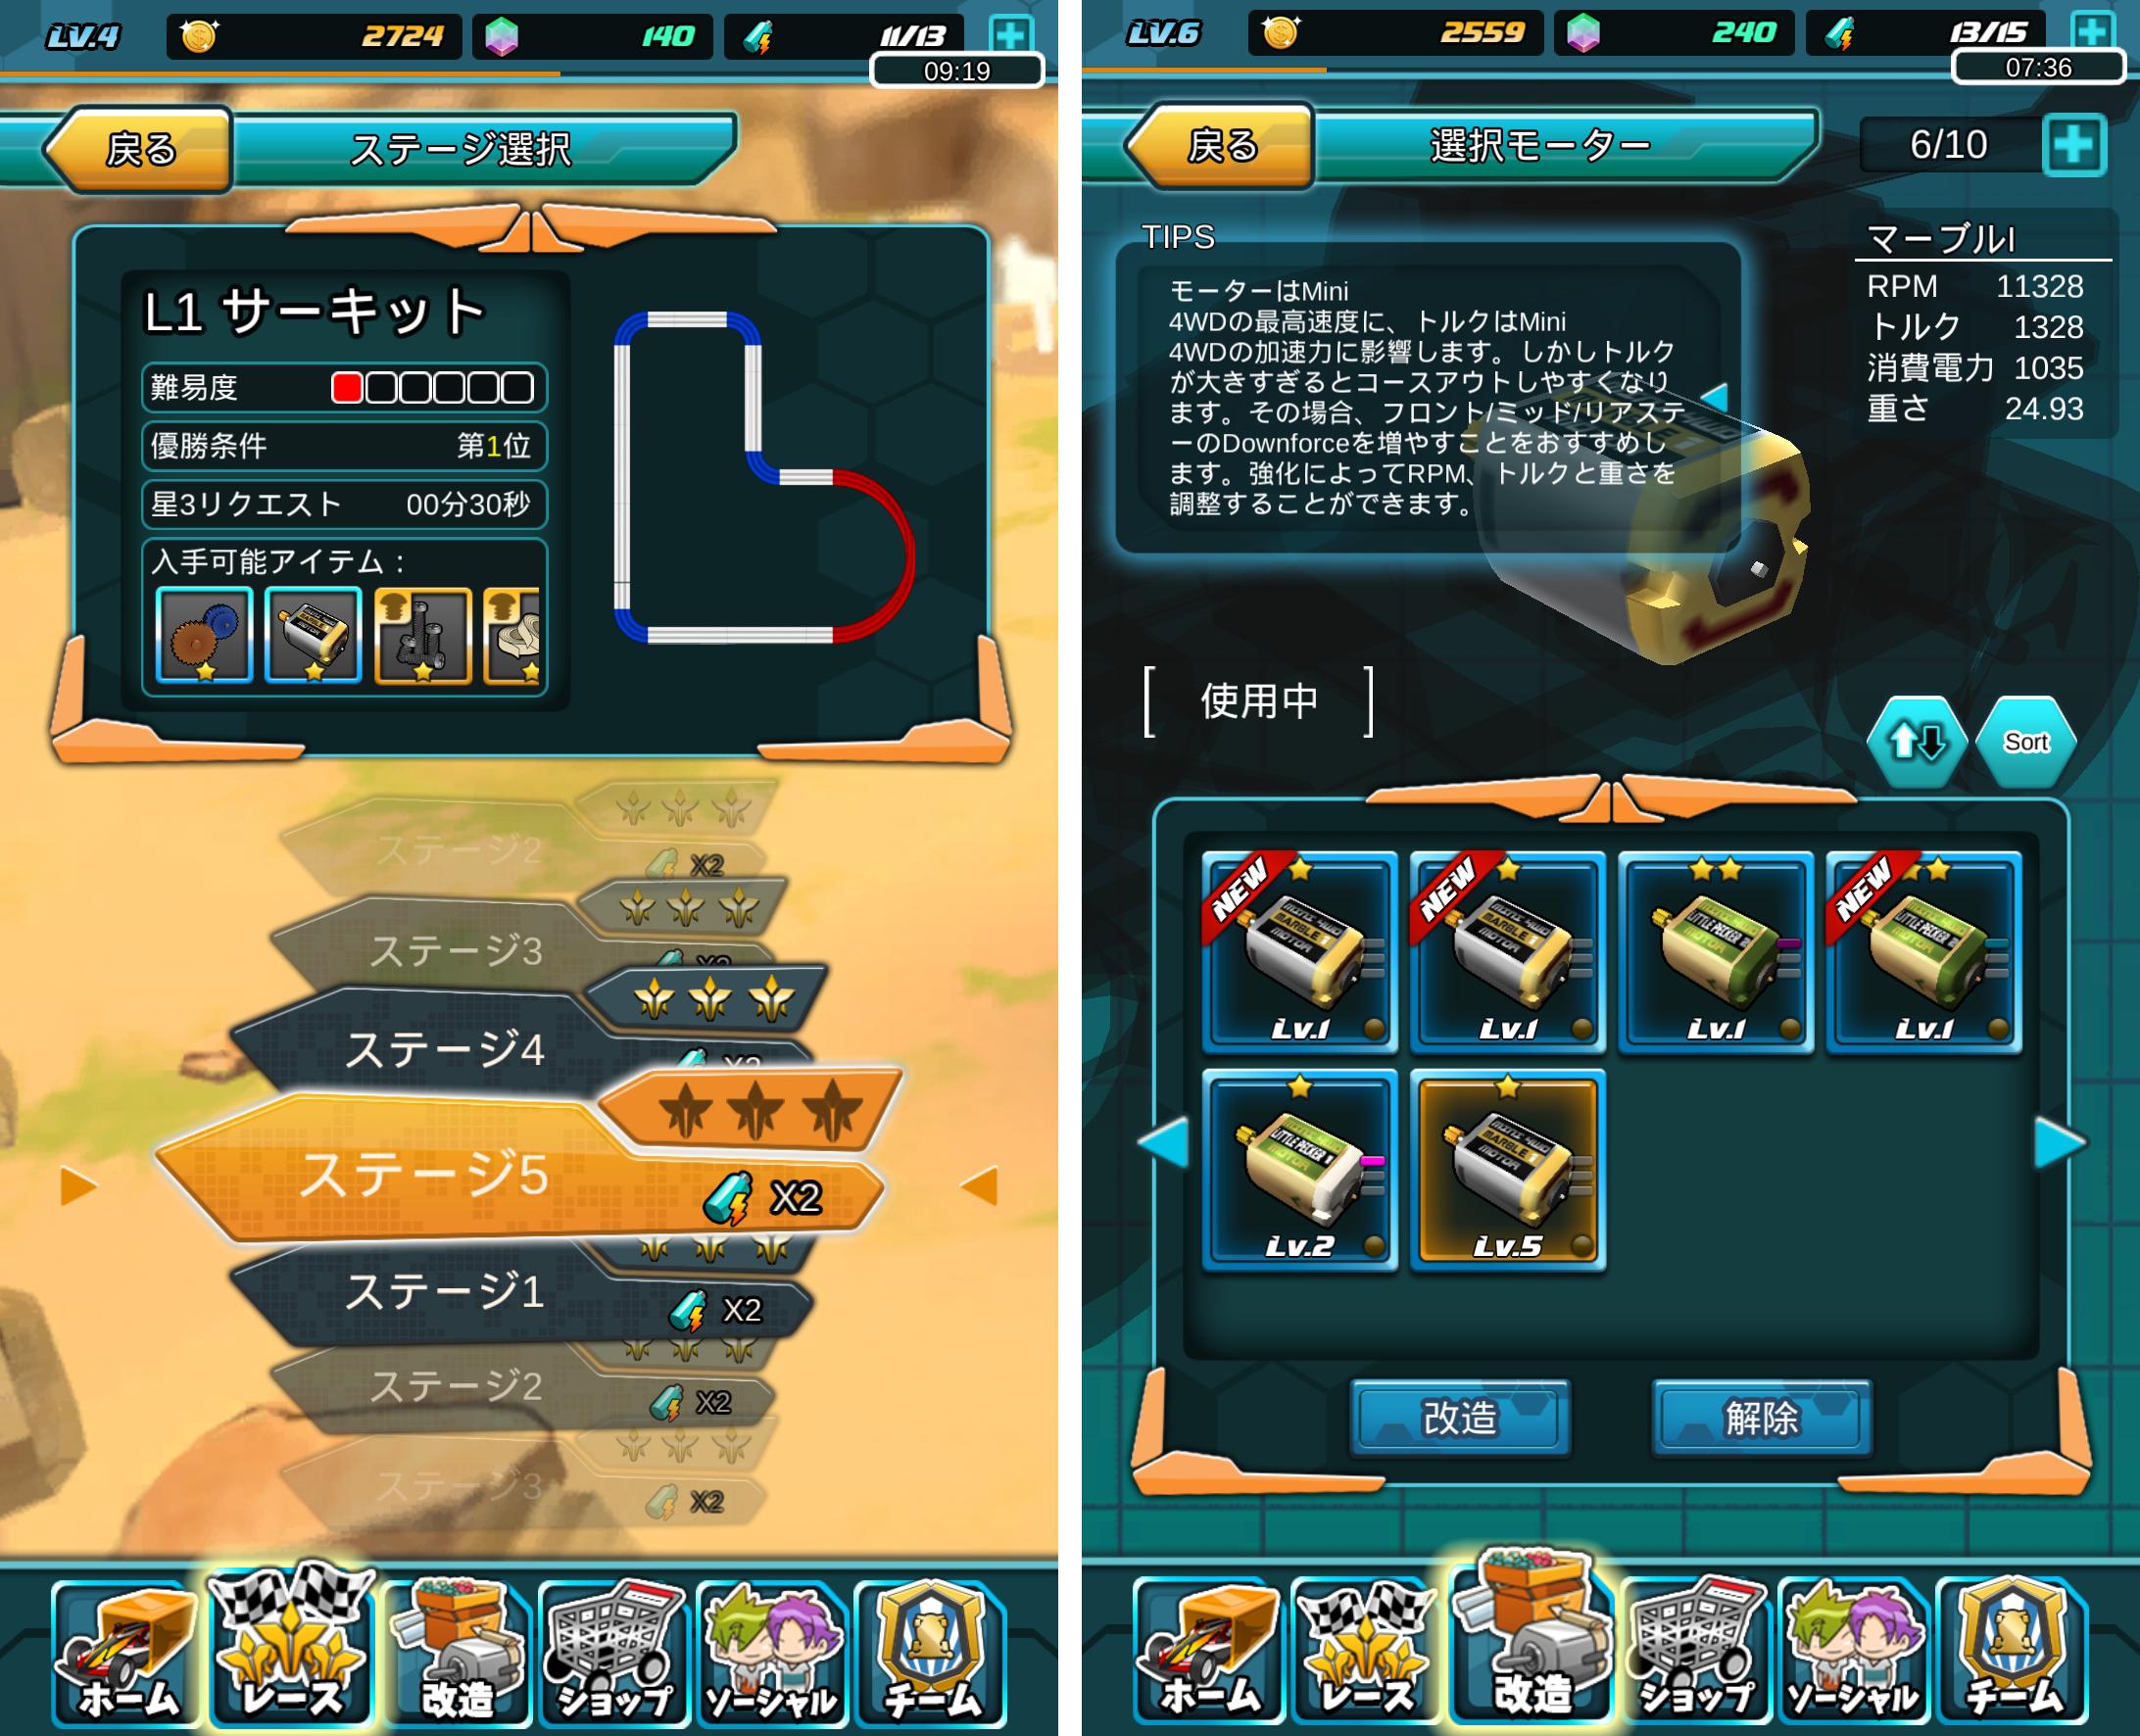 四駆伝説- #1 androidアプリスクリーンショット3